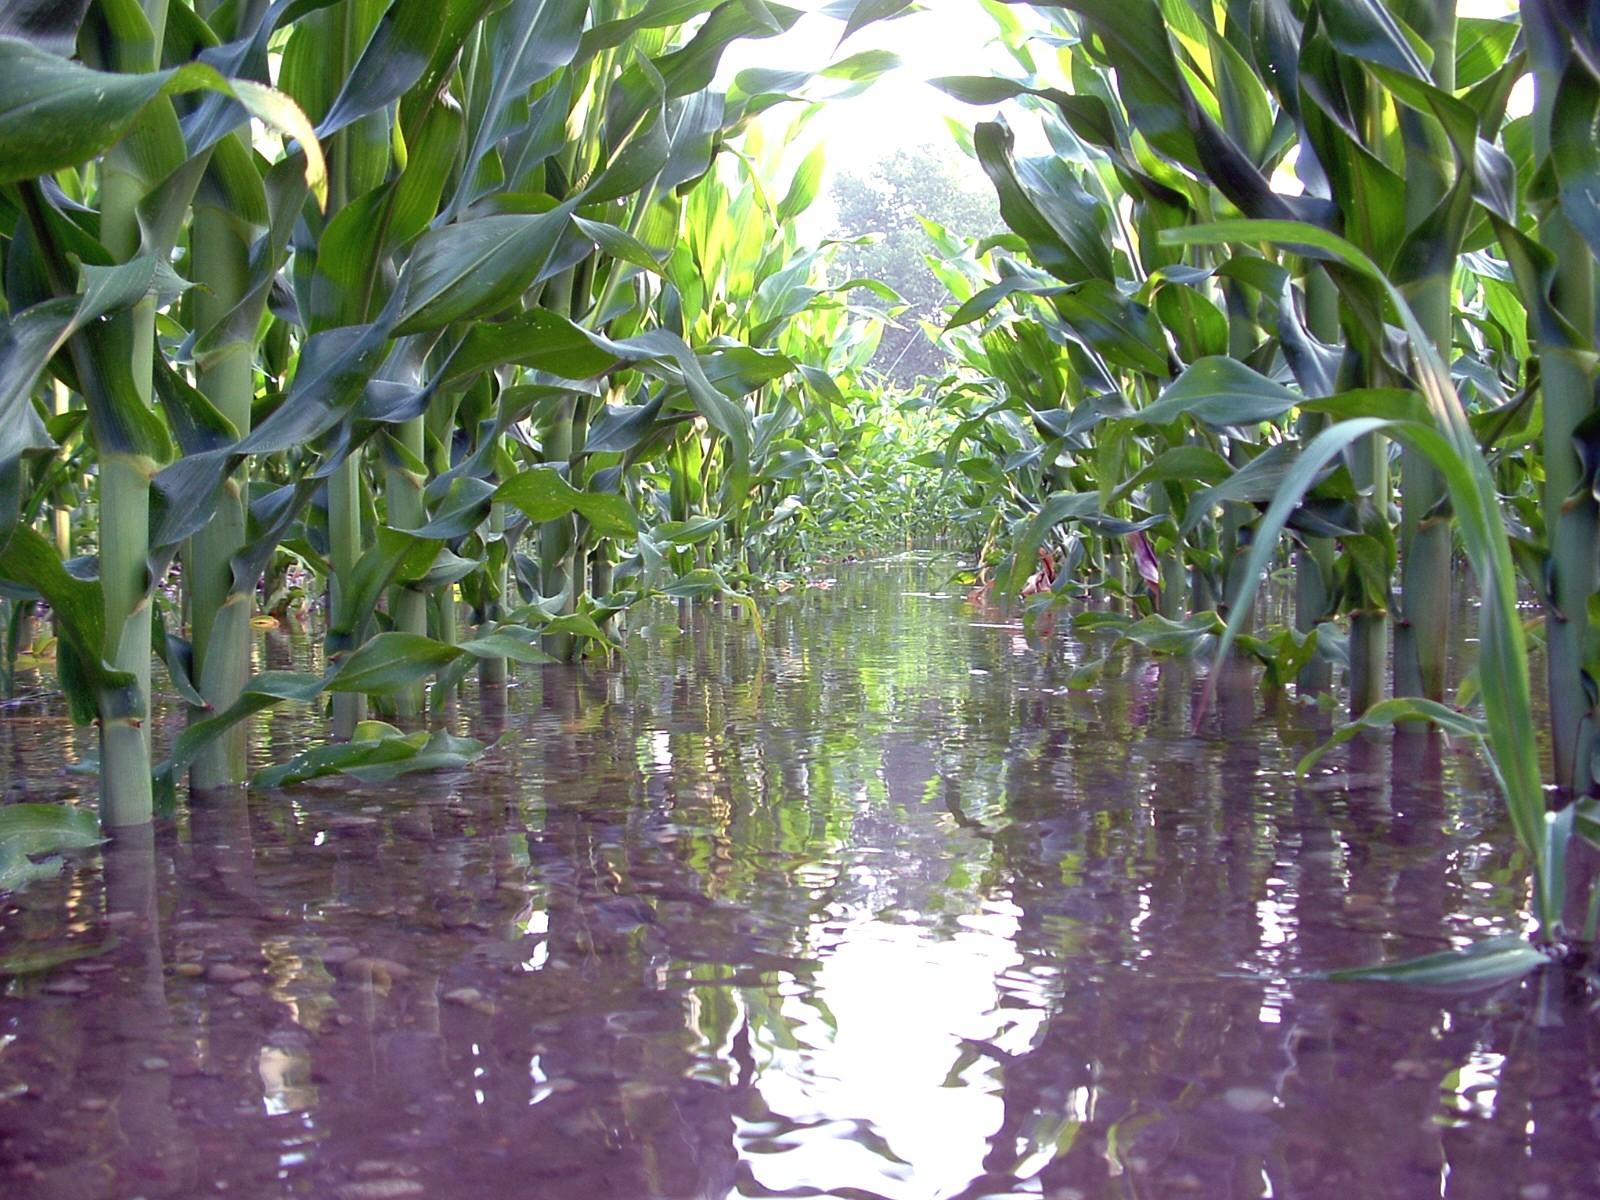 Portaleagricoltura tipi di irrigazioni del mais for Tipi di rubinetti dell acqua esterni